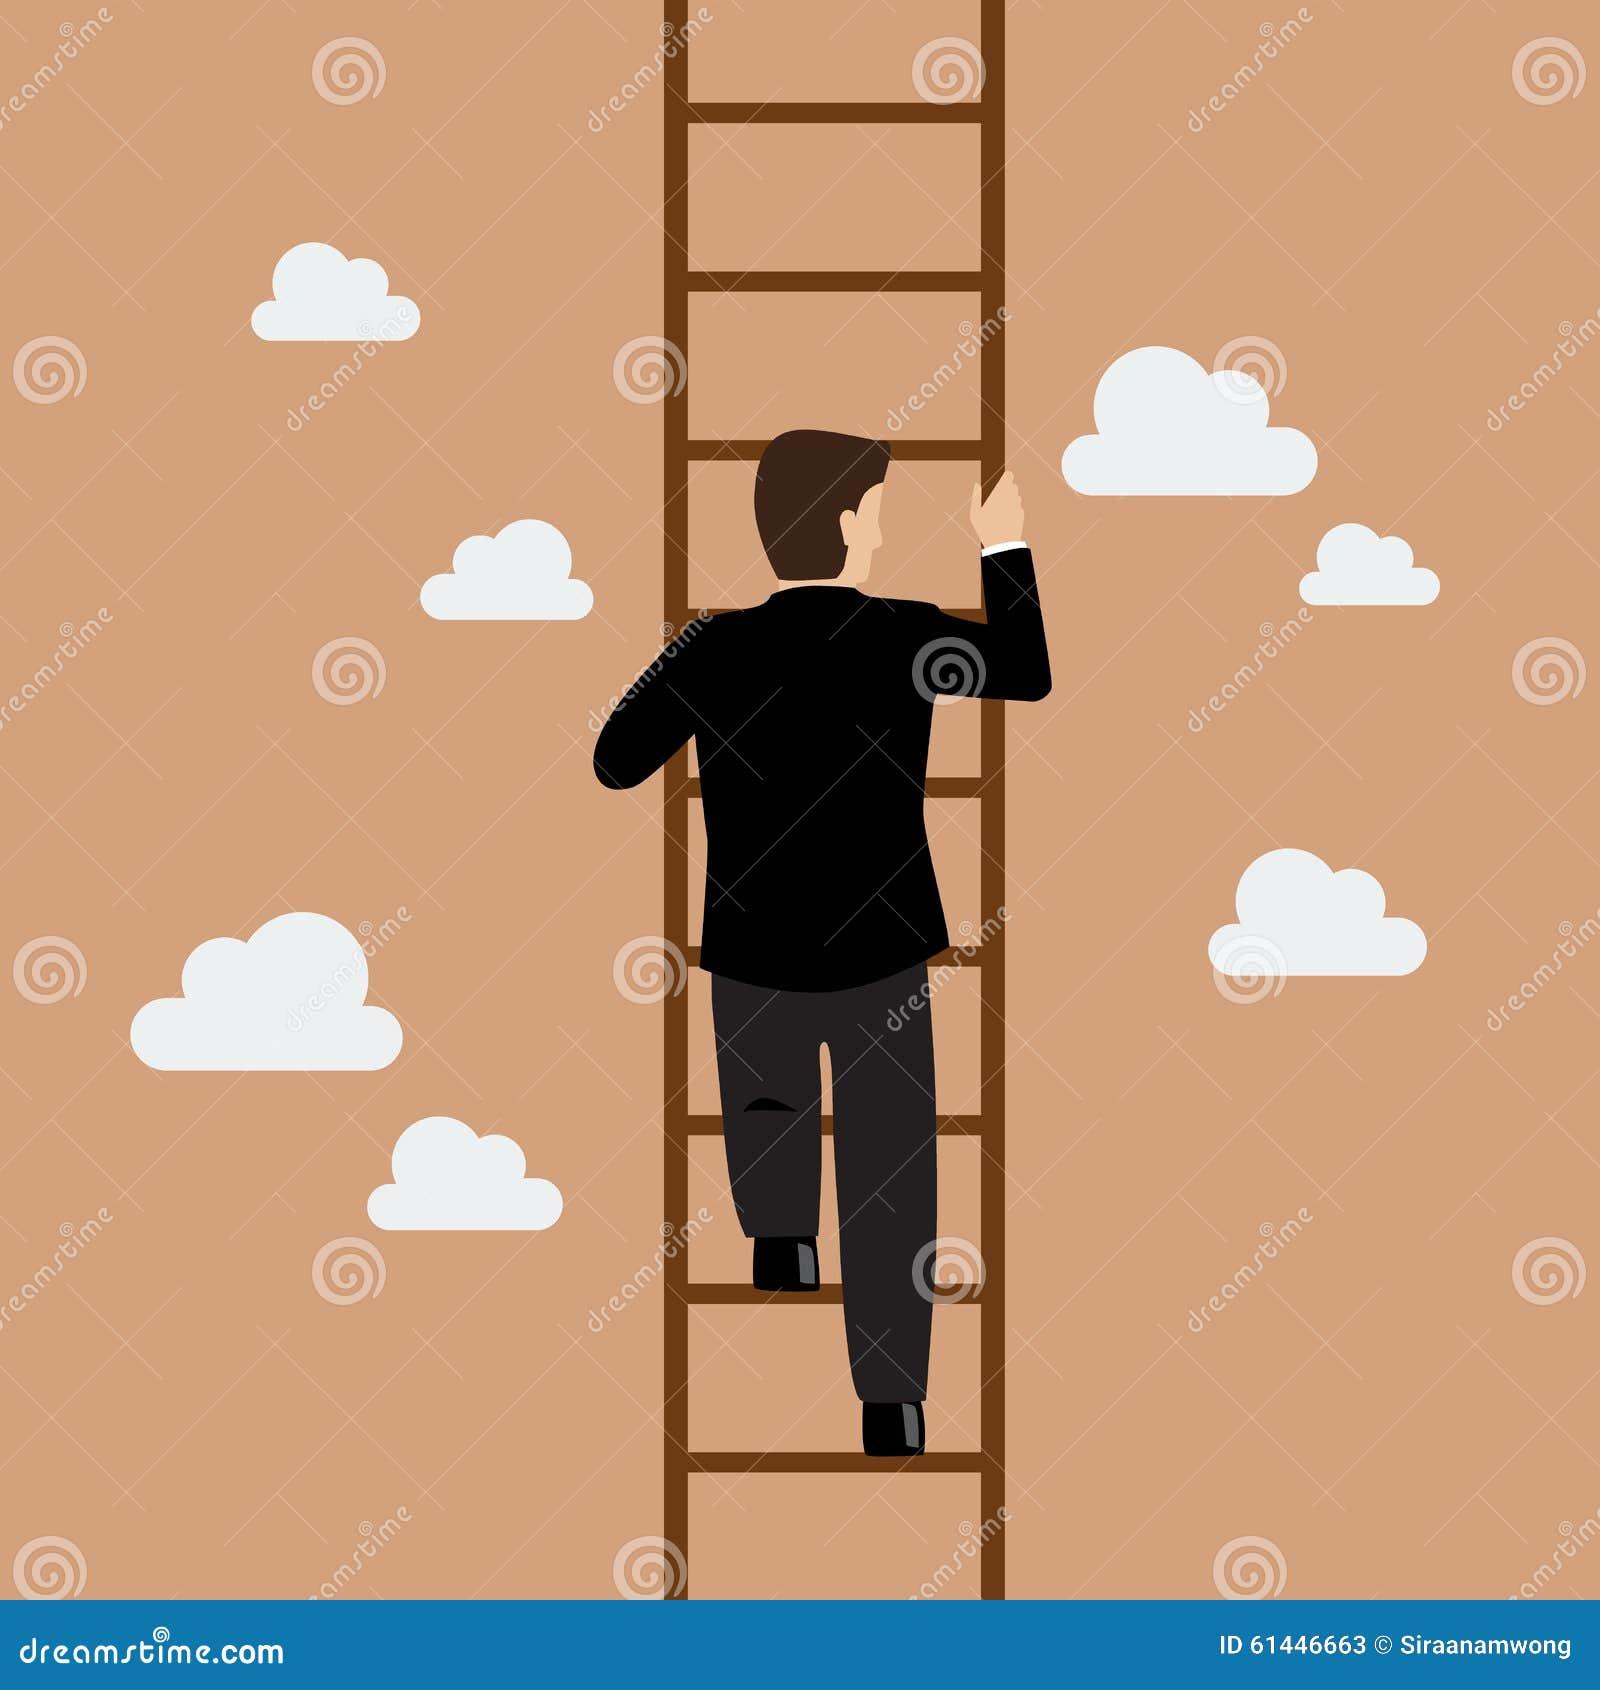 Uomo d 39 affari che sale la scala illustrazione vettoriale for Sedia elettrica che sale le scale